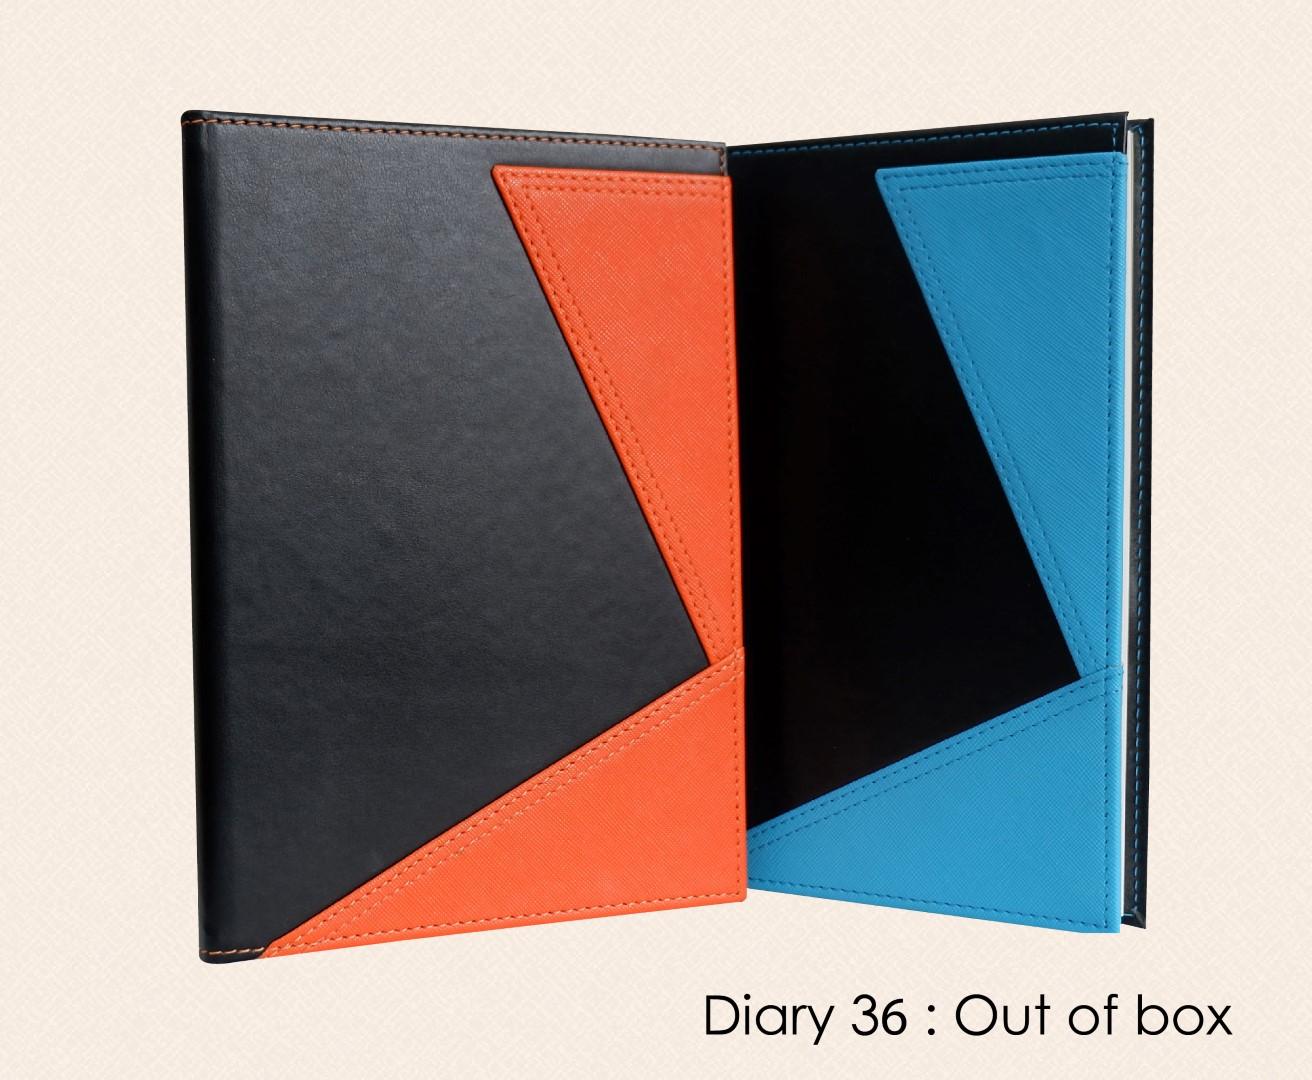 ไดอารี่ สมุดโน๊ต Diary Notebook DA 36 Out of box